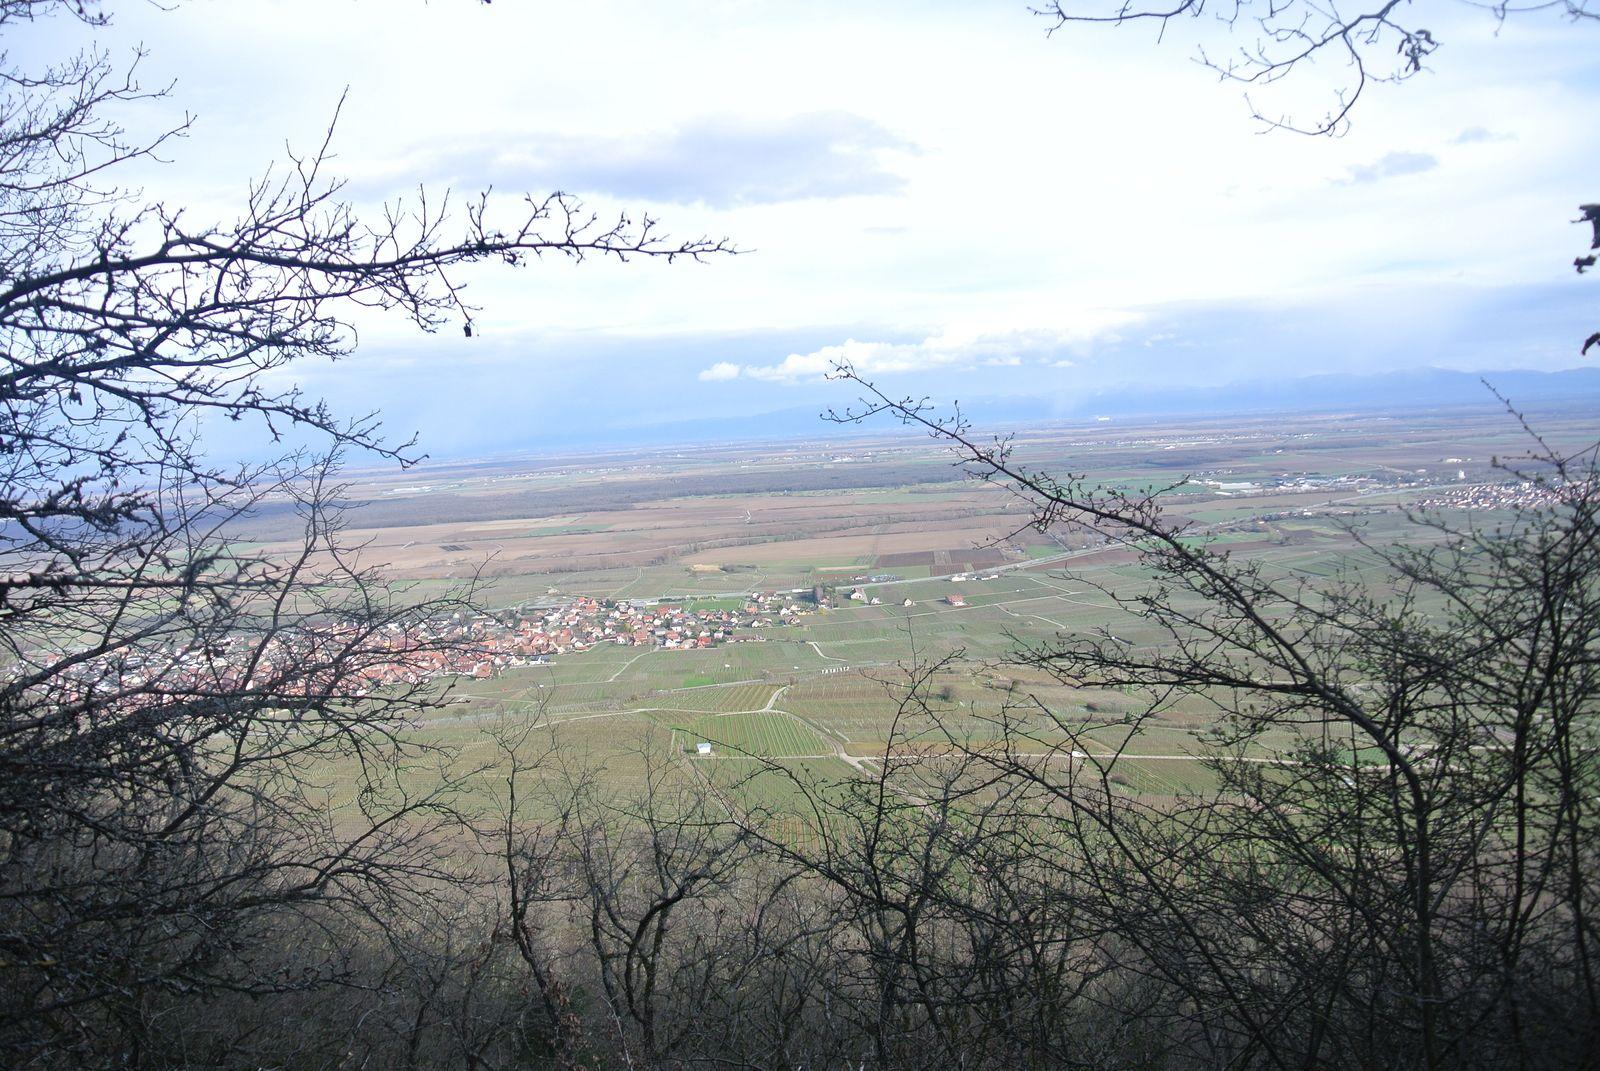 Retour vers le Schauenberg par le chemin surplombant toute la plaine, les appareils photos sont en mode panorama.